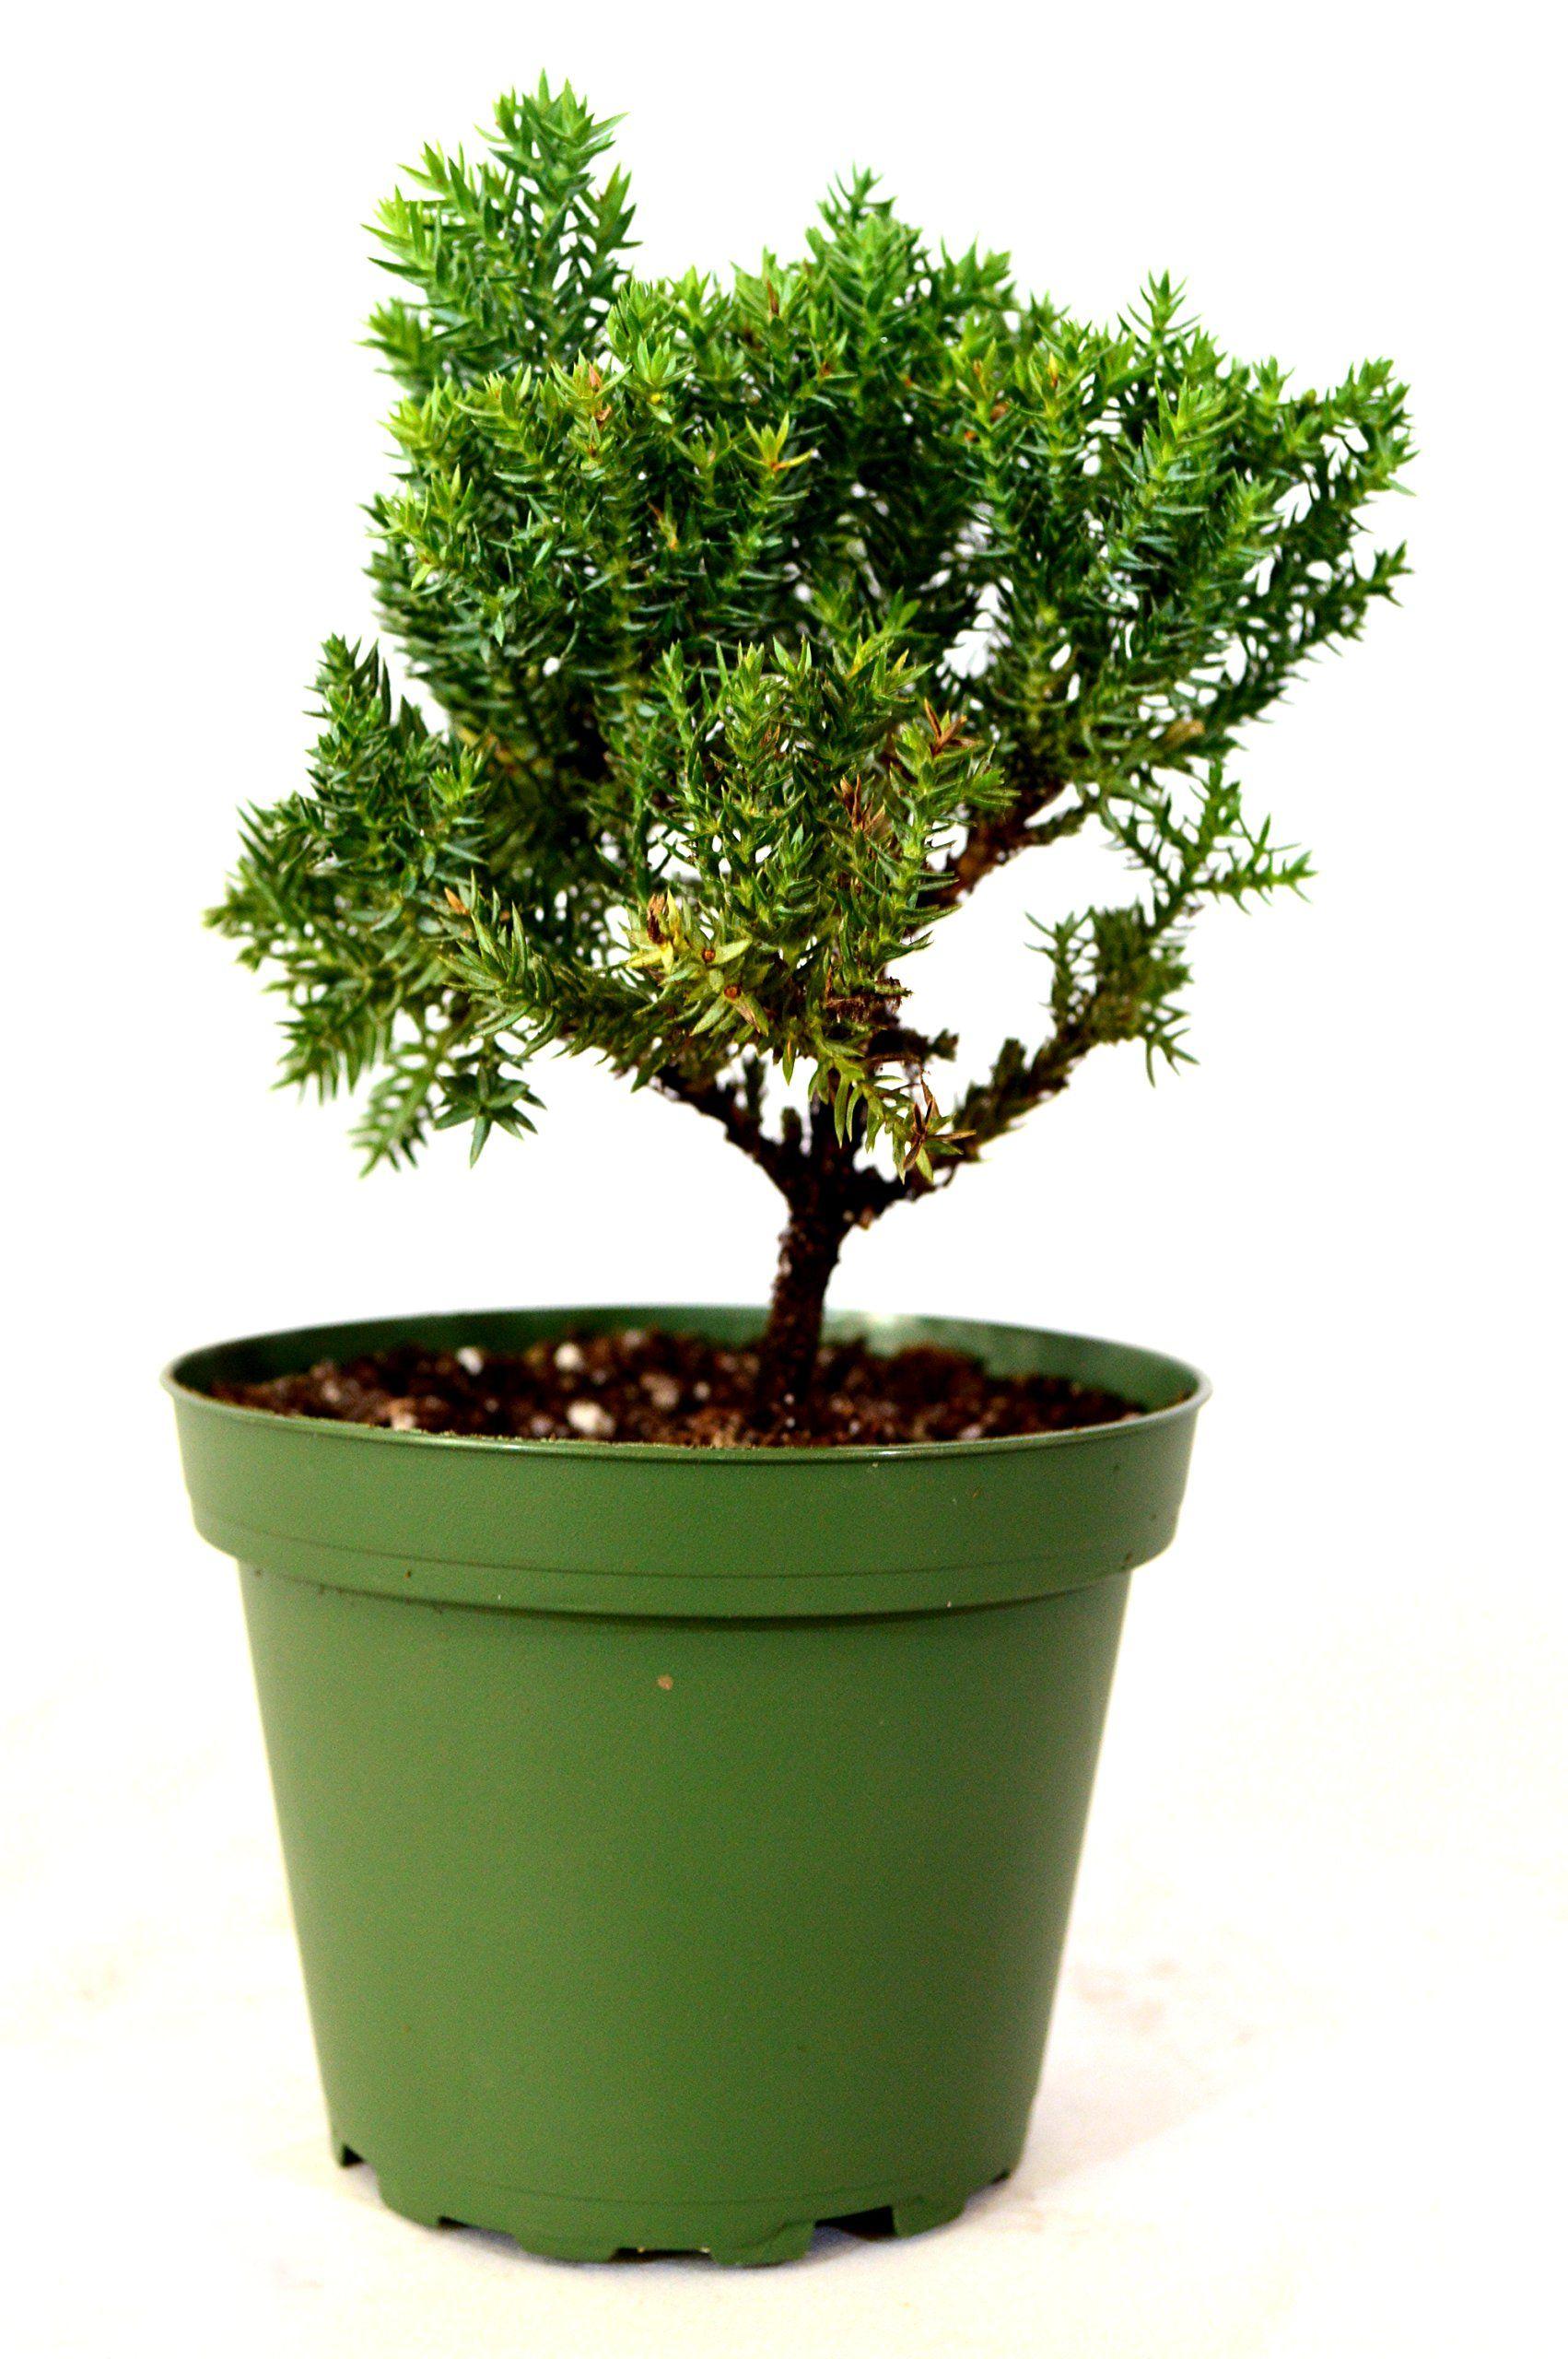 9greenbox Juniper Bonsai Starter 4 Pot